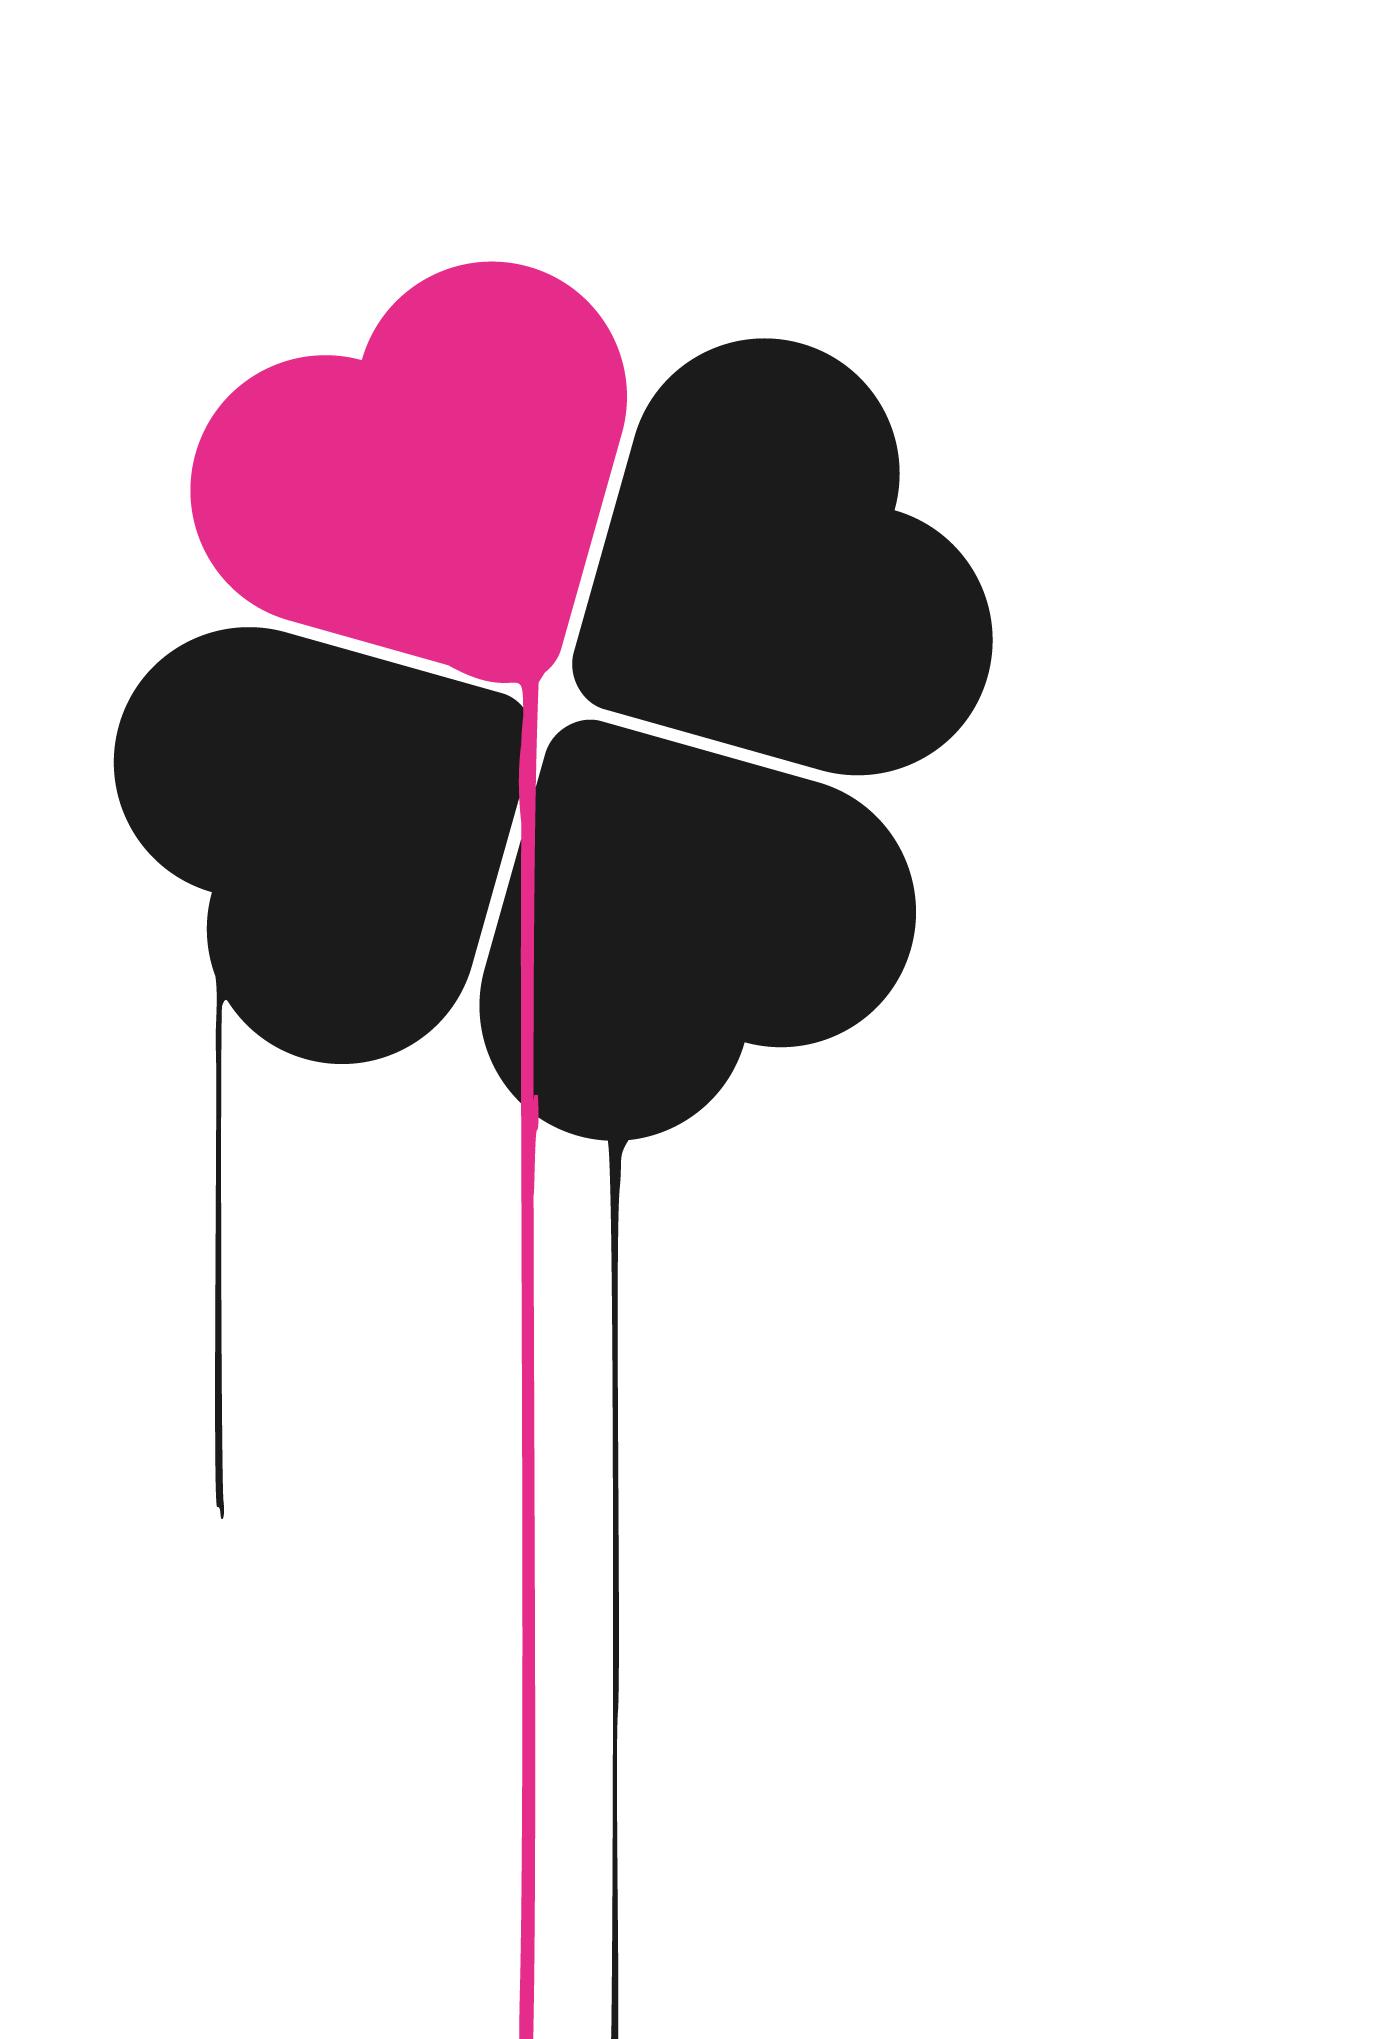 ポストカード06:Pink heart cloverのダウンロード画像